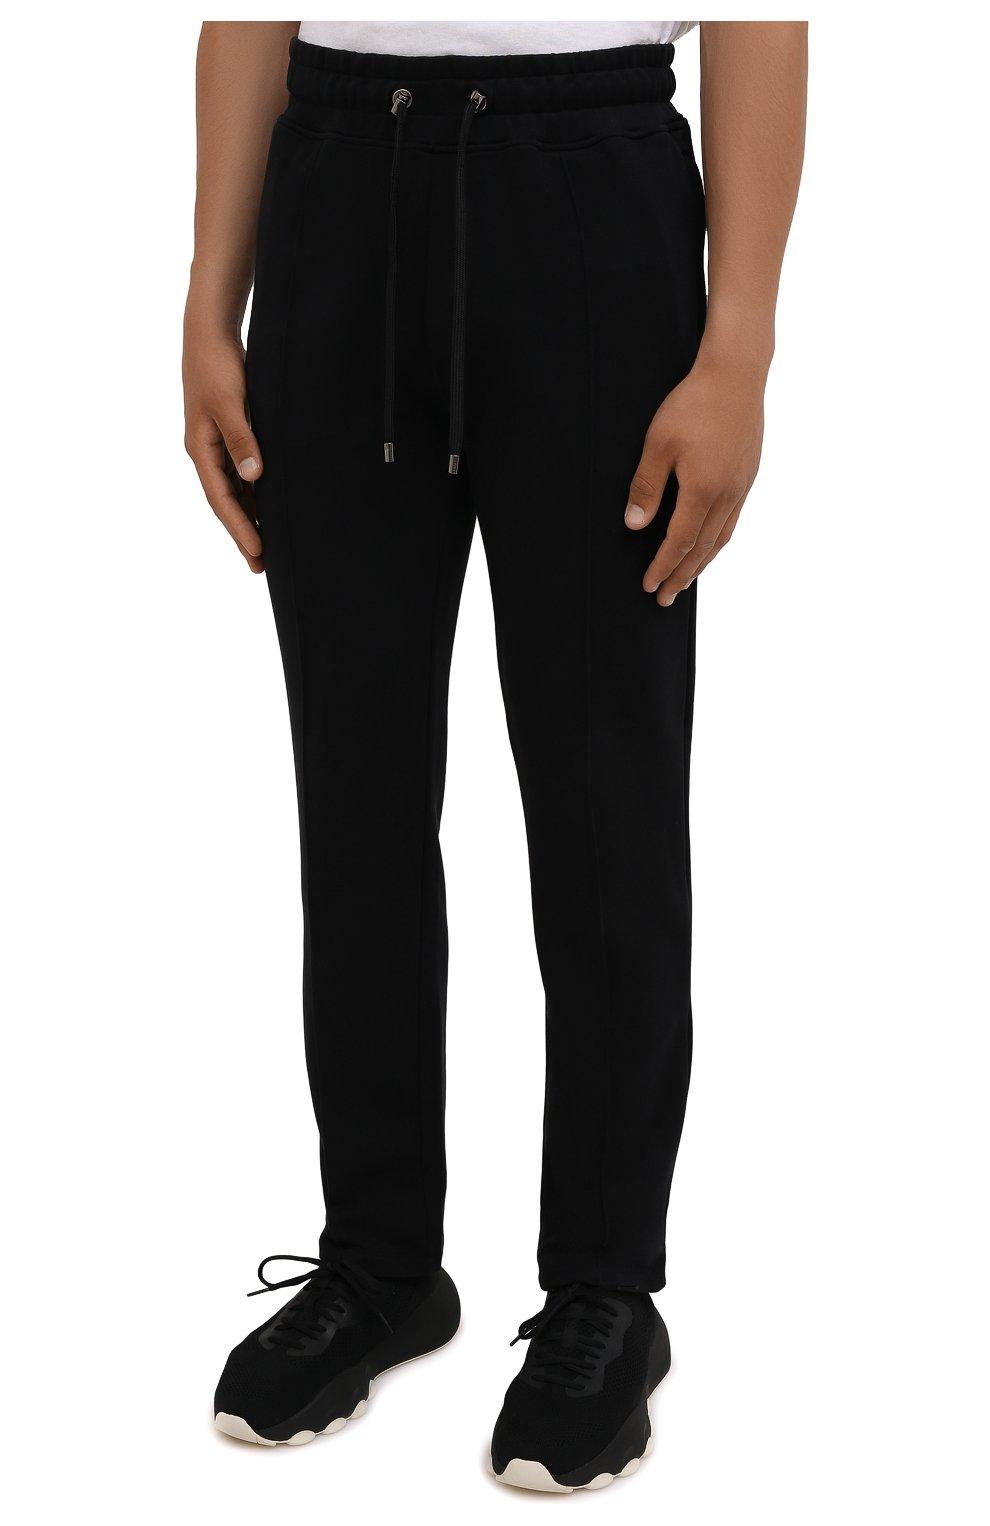 Мужские хлопковые брюки LIMITATO черного цвета, арт. TW0 T0NE/TRACK PANTS   Фото 3 (Мужское Кросс-КТ: Брюки-трикотаж; Длина (брюки, джинсы): Стандартные; Случай: Повседневный; Кросс-КТ: Спорт; Материал внешний: Хлопок; Стили: Спорт-шик)